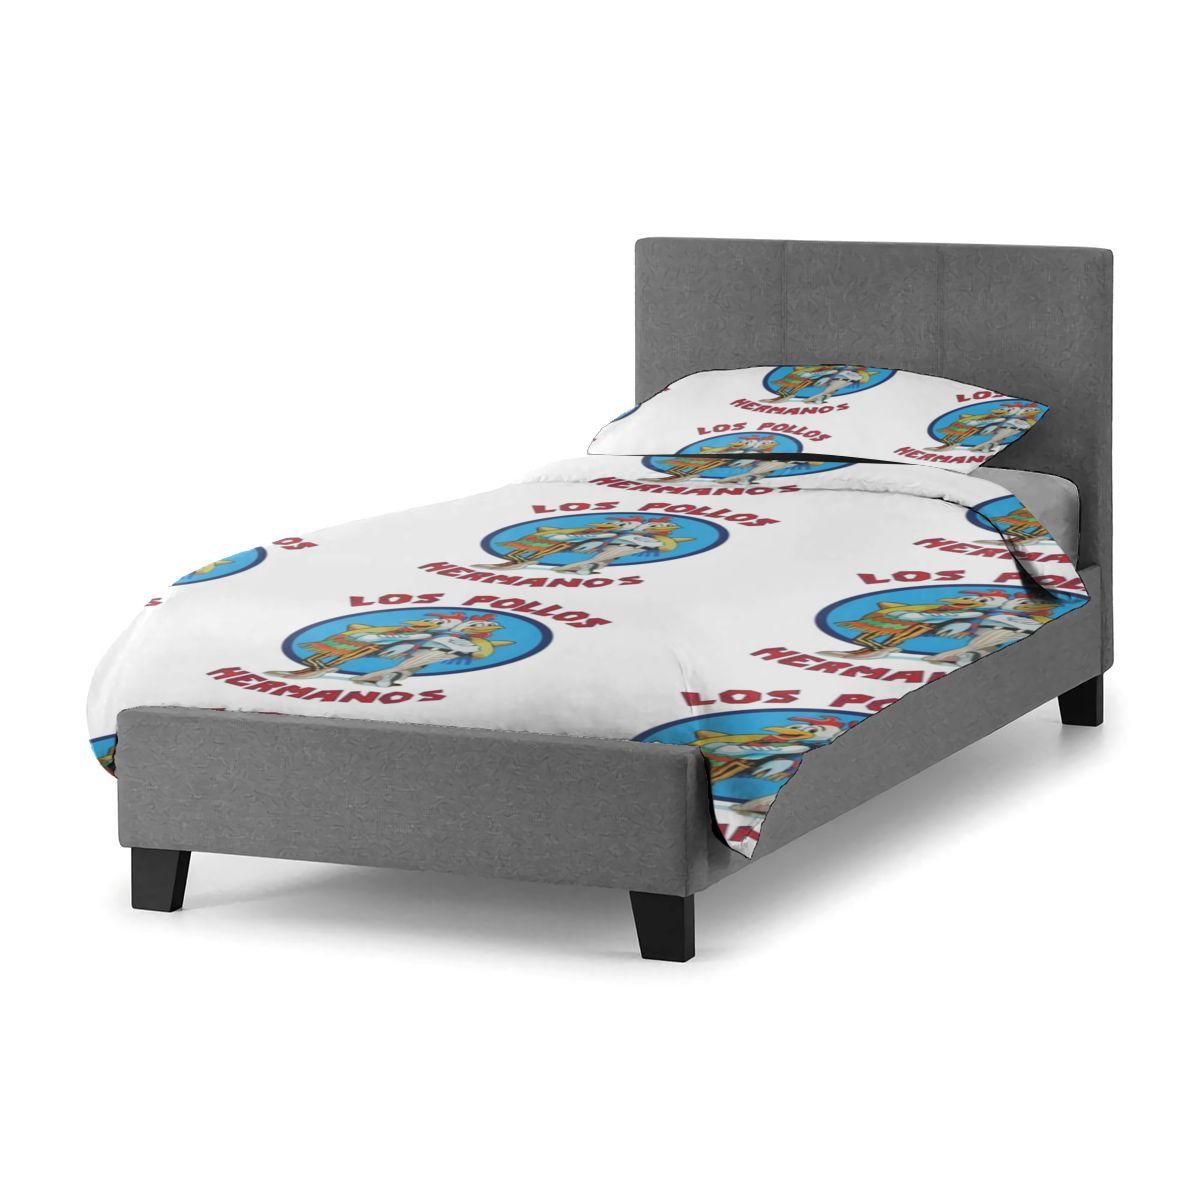 لوس بولوس هيرمانوس طقم سرير فندق أغطية سرير الأحداث بيع مجموعة ورقة لطيف